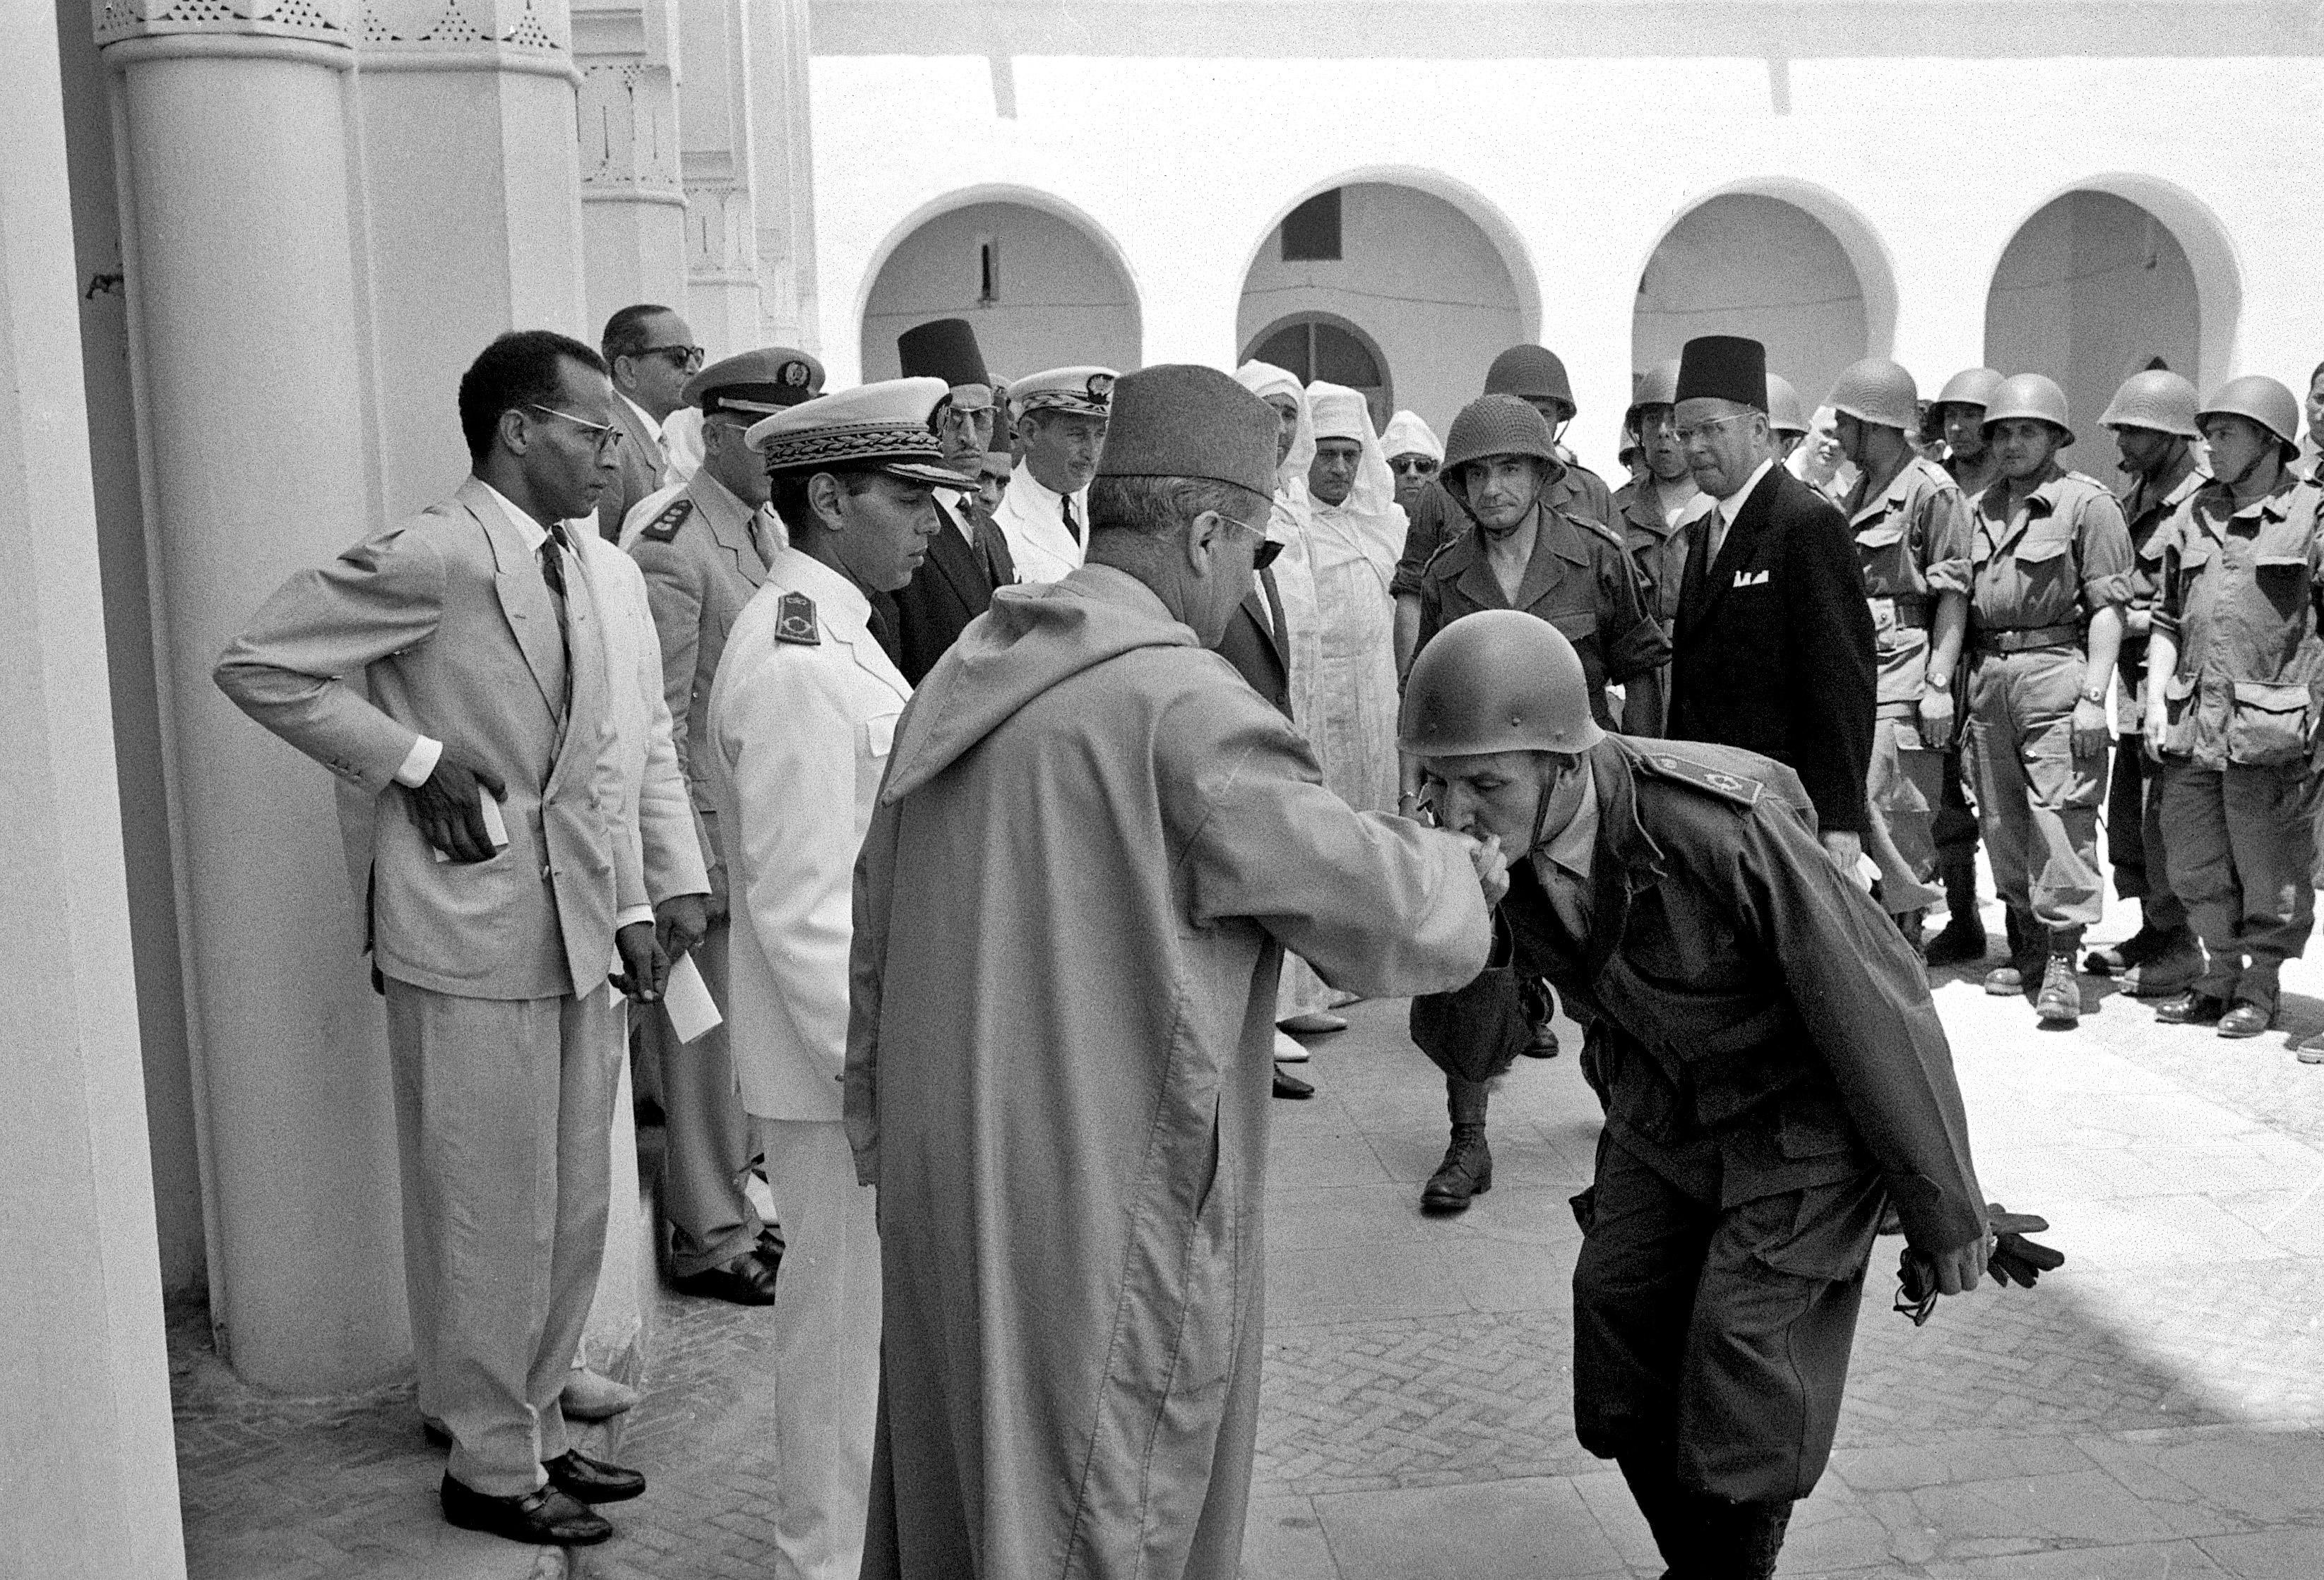 Les Forces Armées Royales au Congo - ONUC - 1960/61 160901034052215444